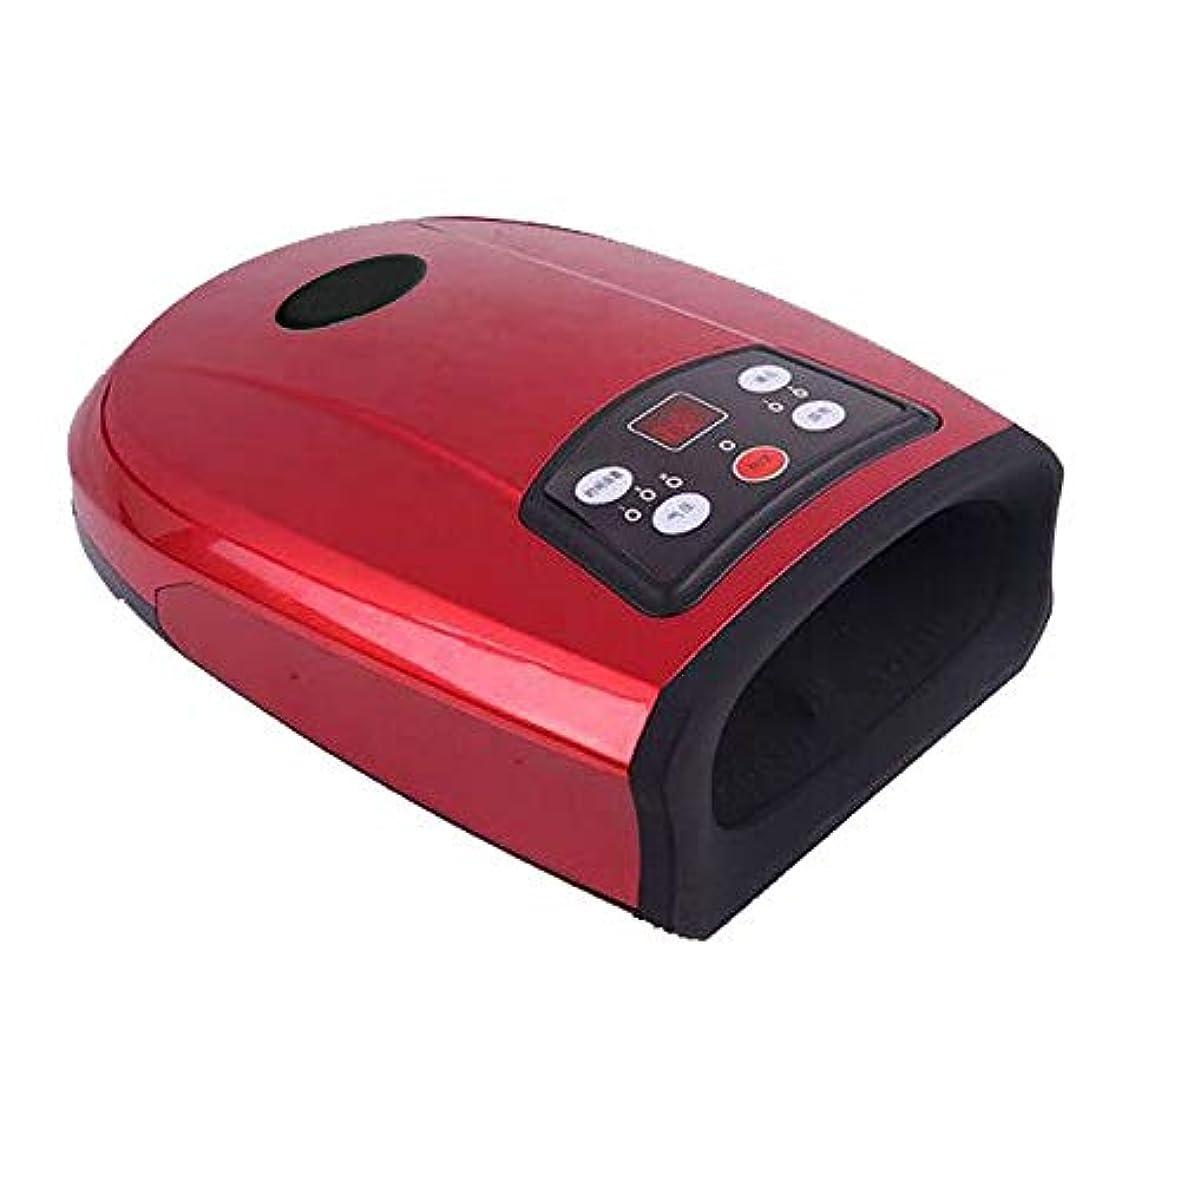 信頼性のある恐竜魔術師指のための空気圧熱圧縮装置が付いている指圧のやし手のマッサージ緊張のしびれの救助および血の循環の加速,Red